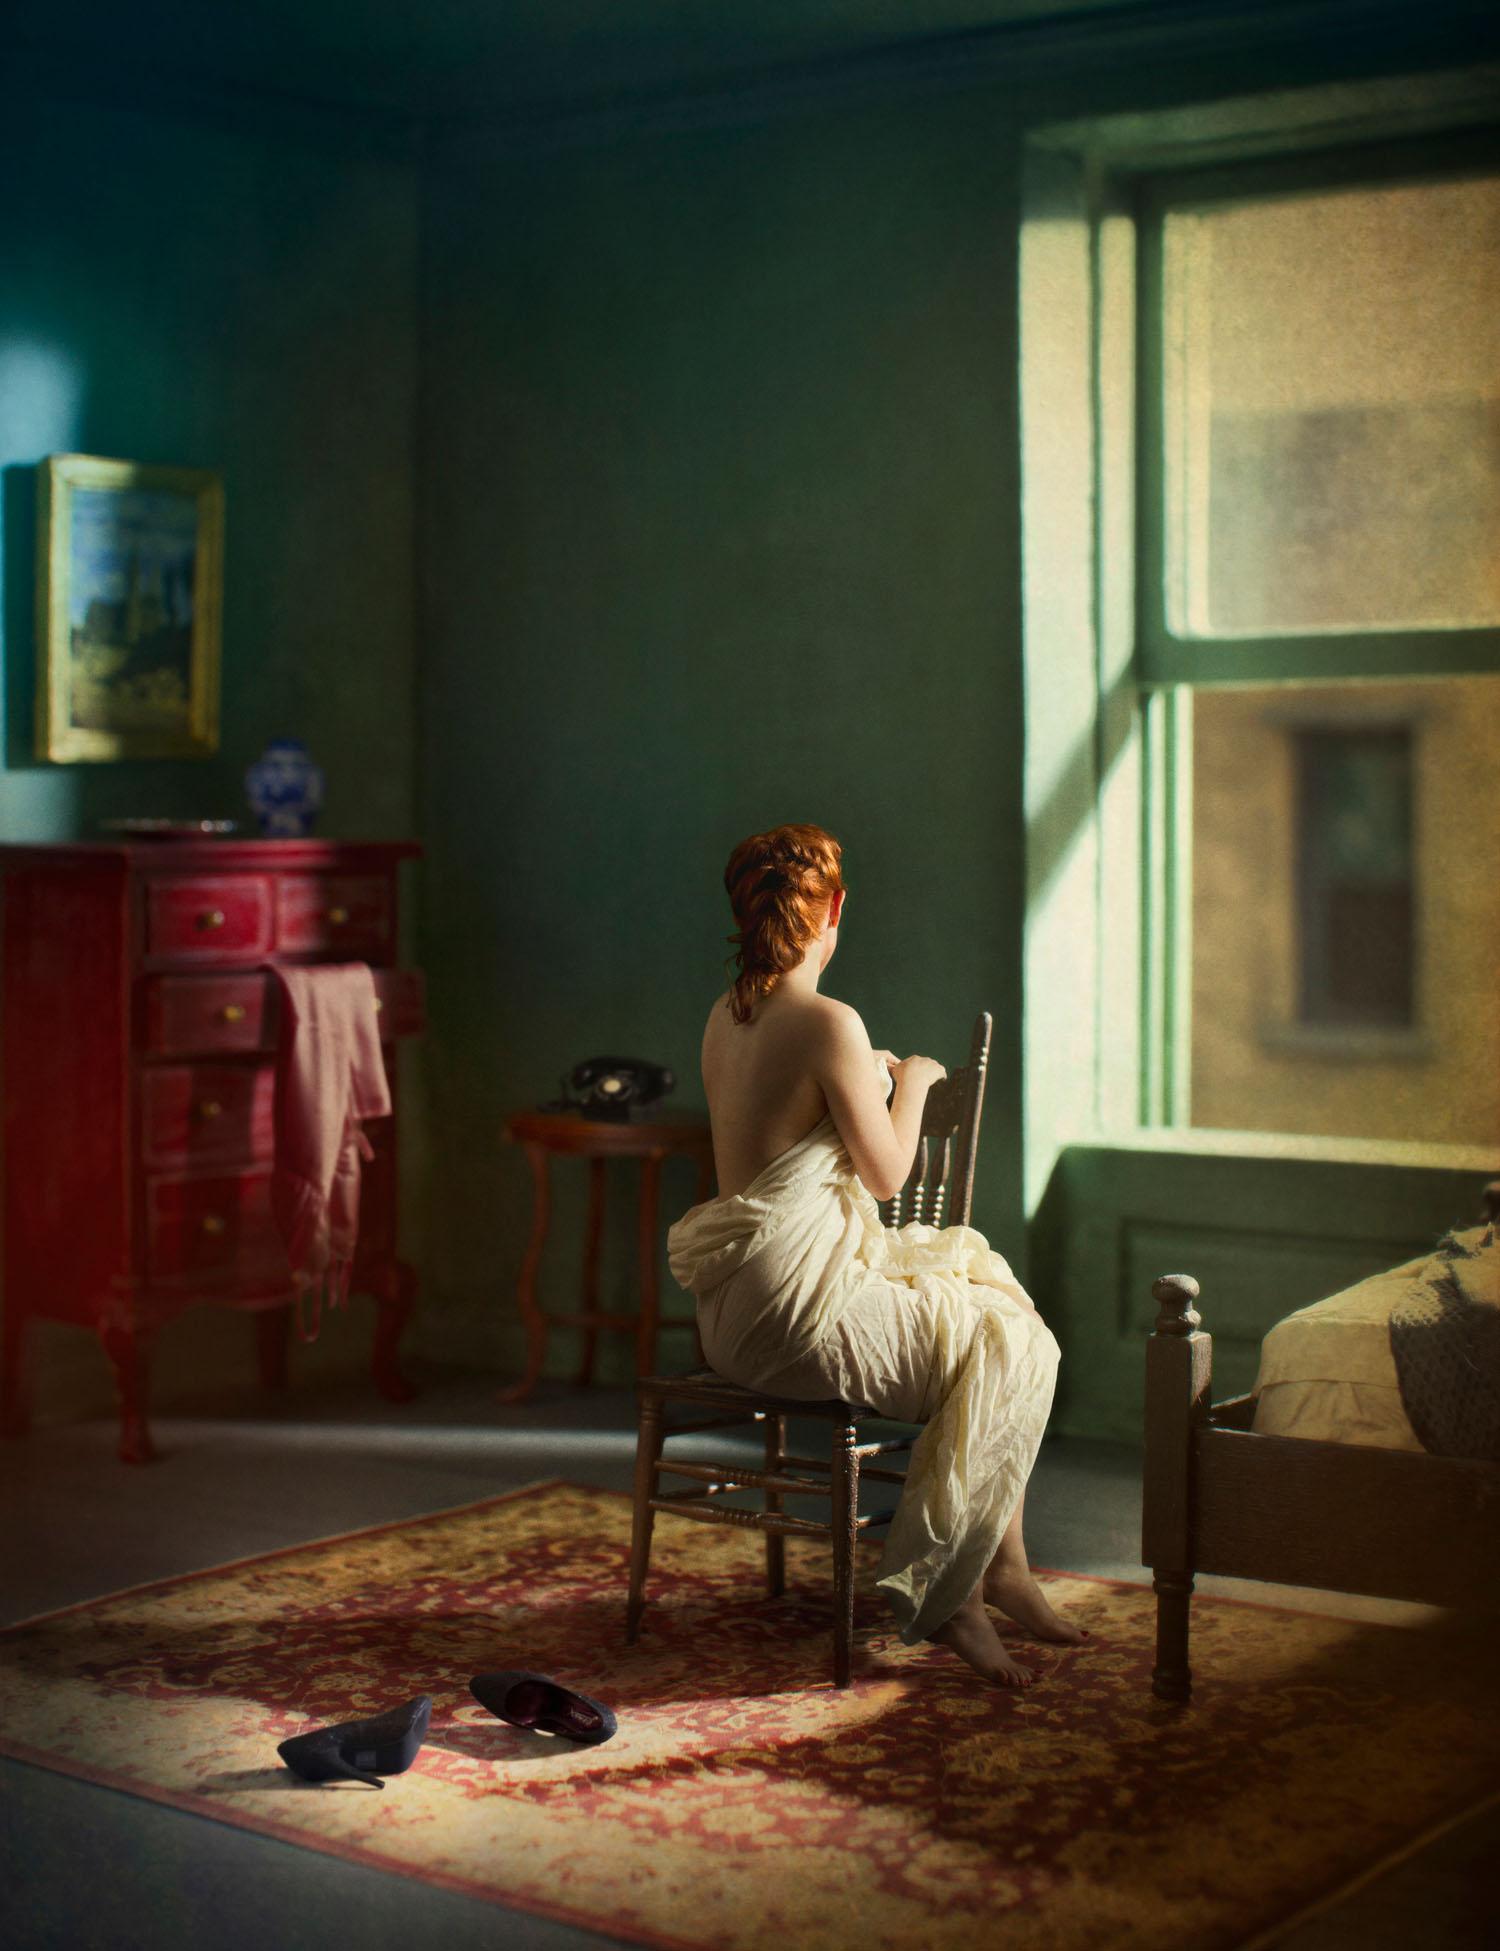 Green Bedroom (Morning), (2013